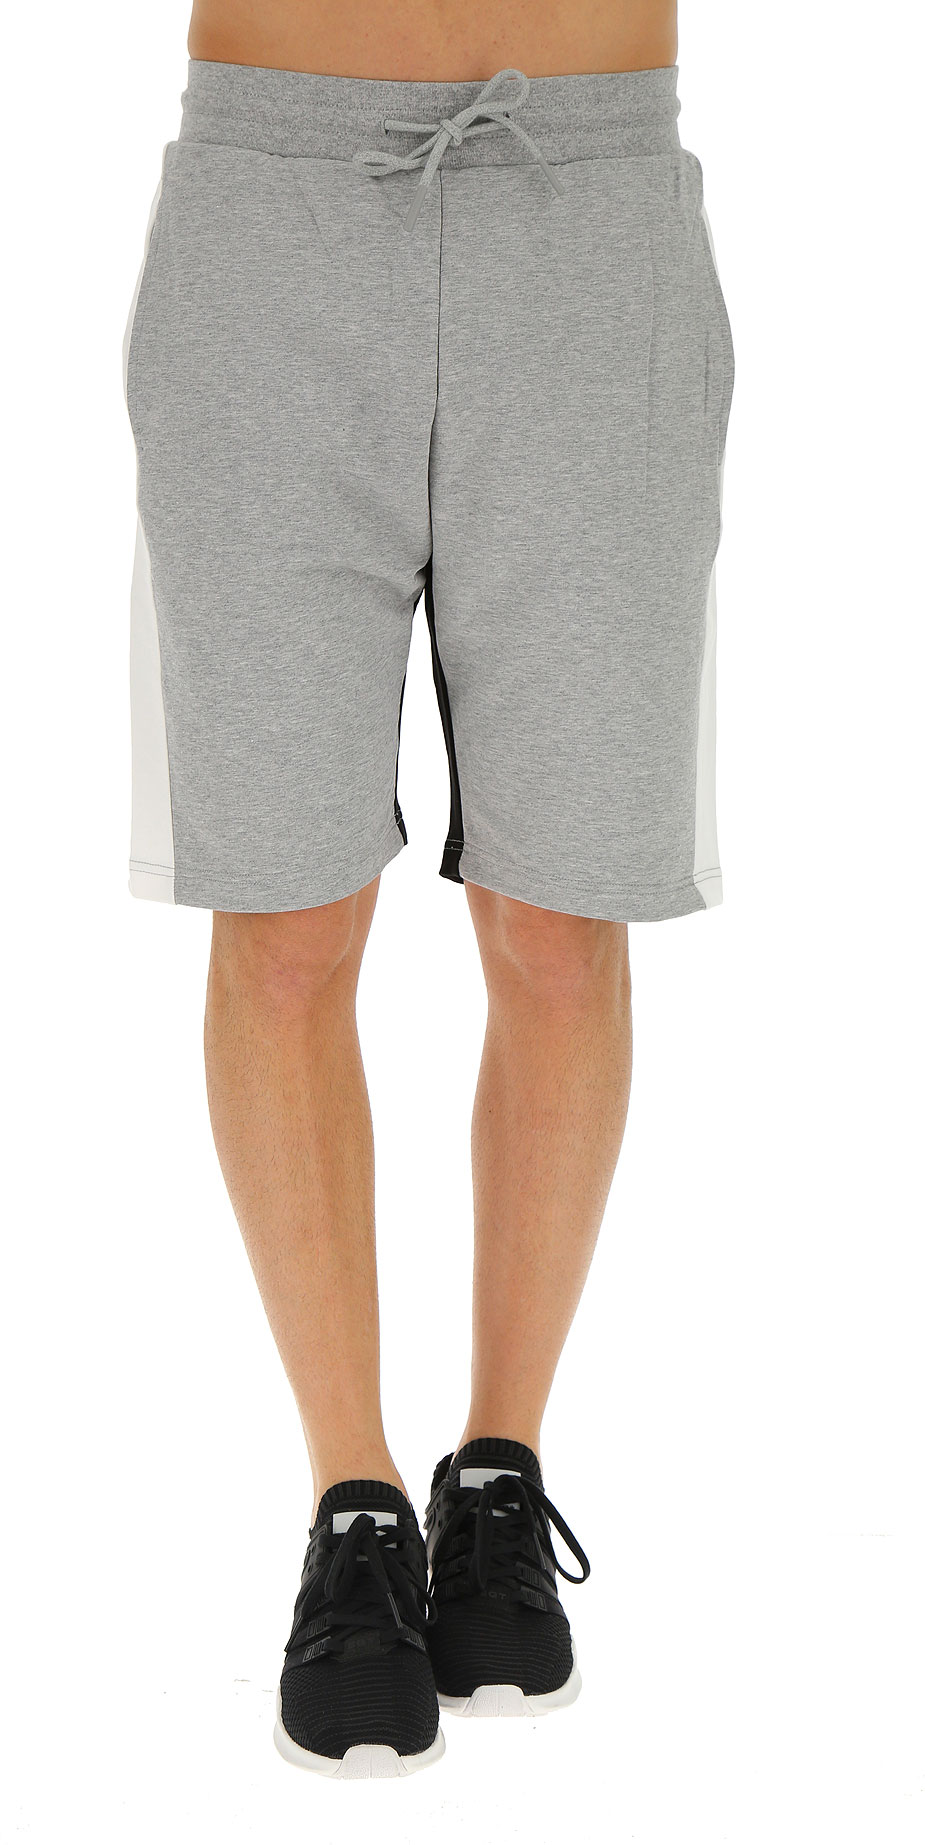 Abbigliamento Uomo Antony Morato, Codice Articolo: fp00162-fa150048-9013